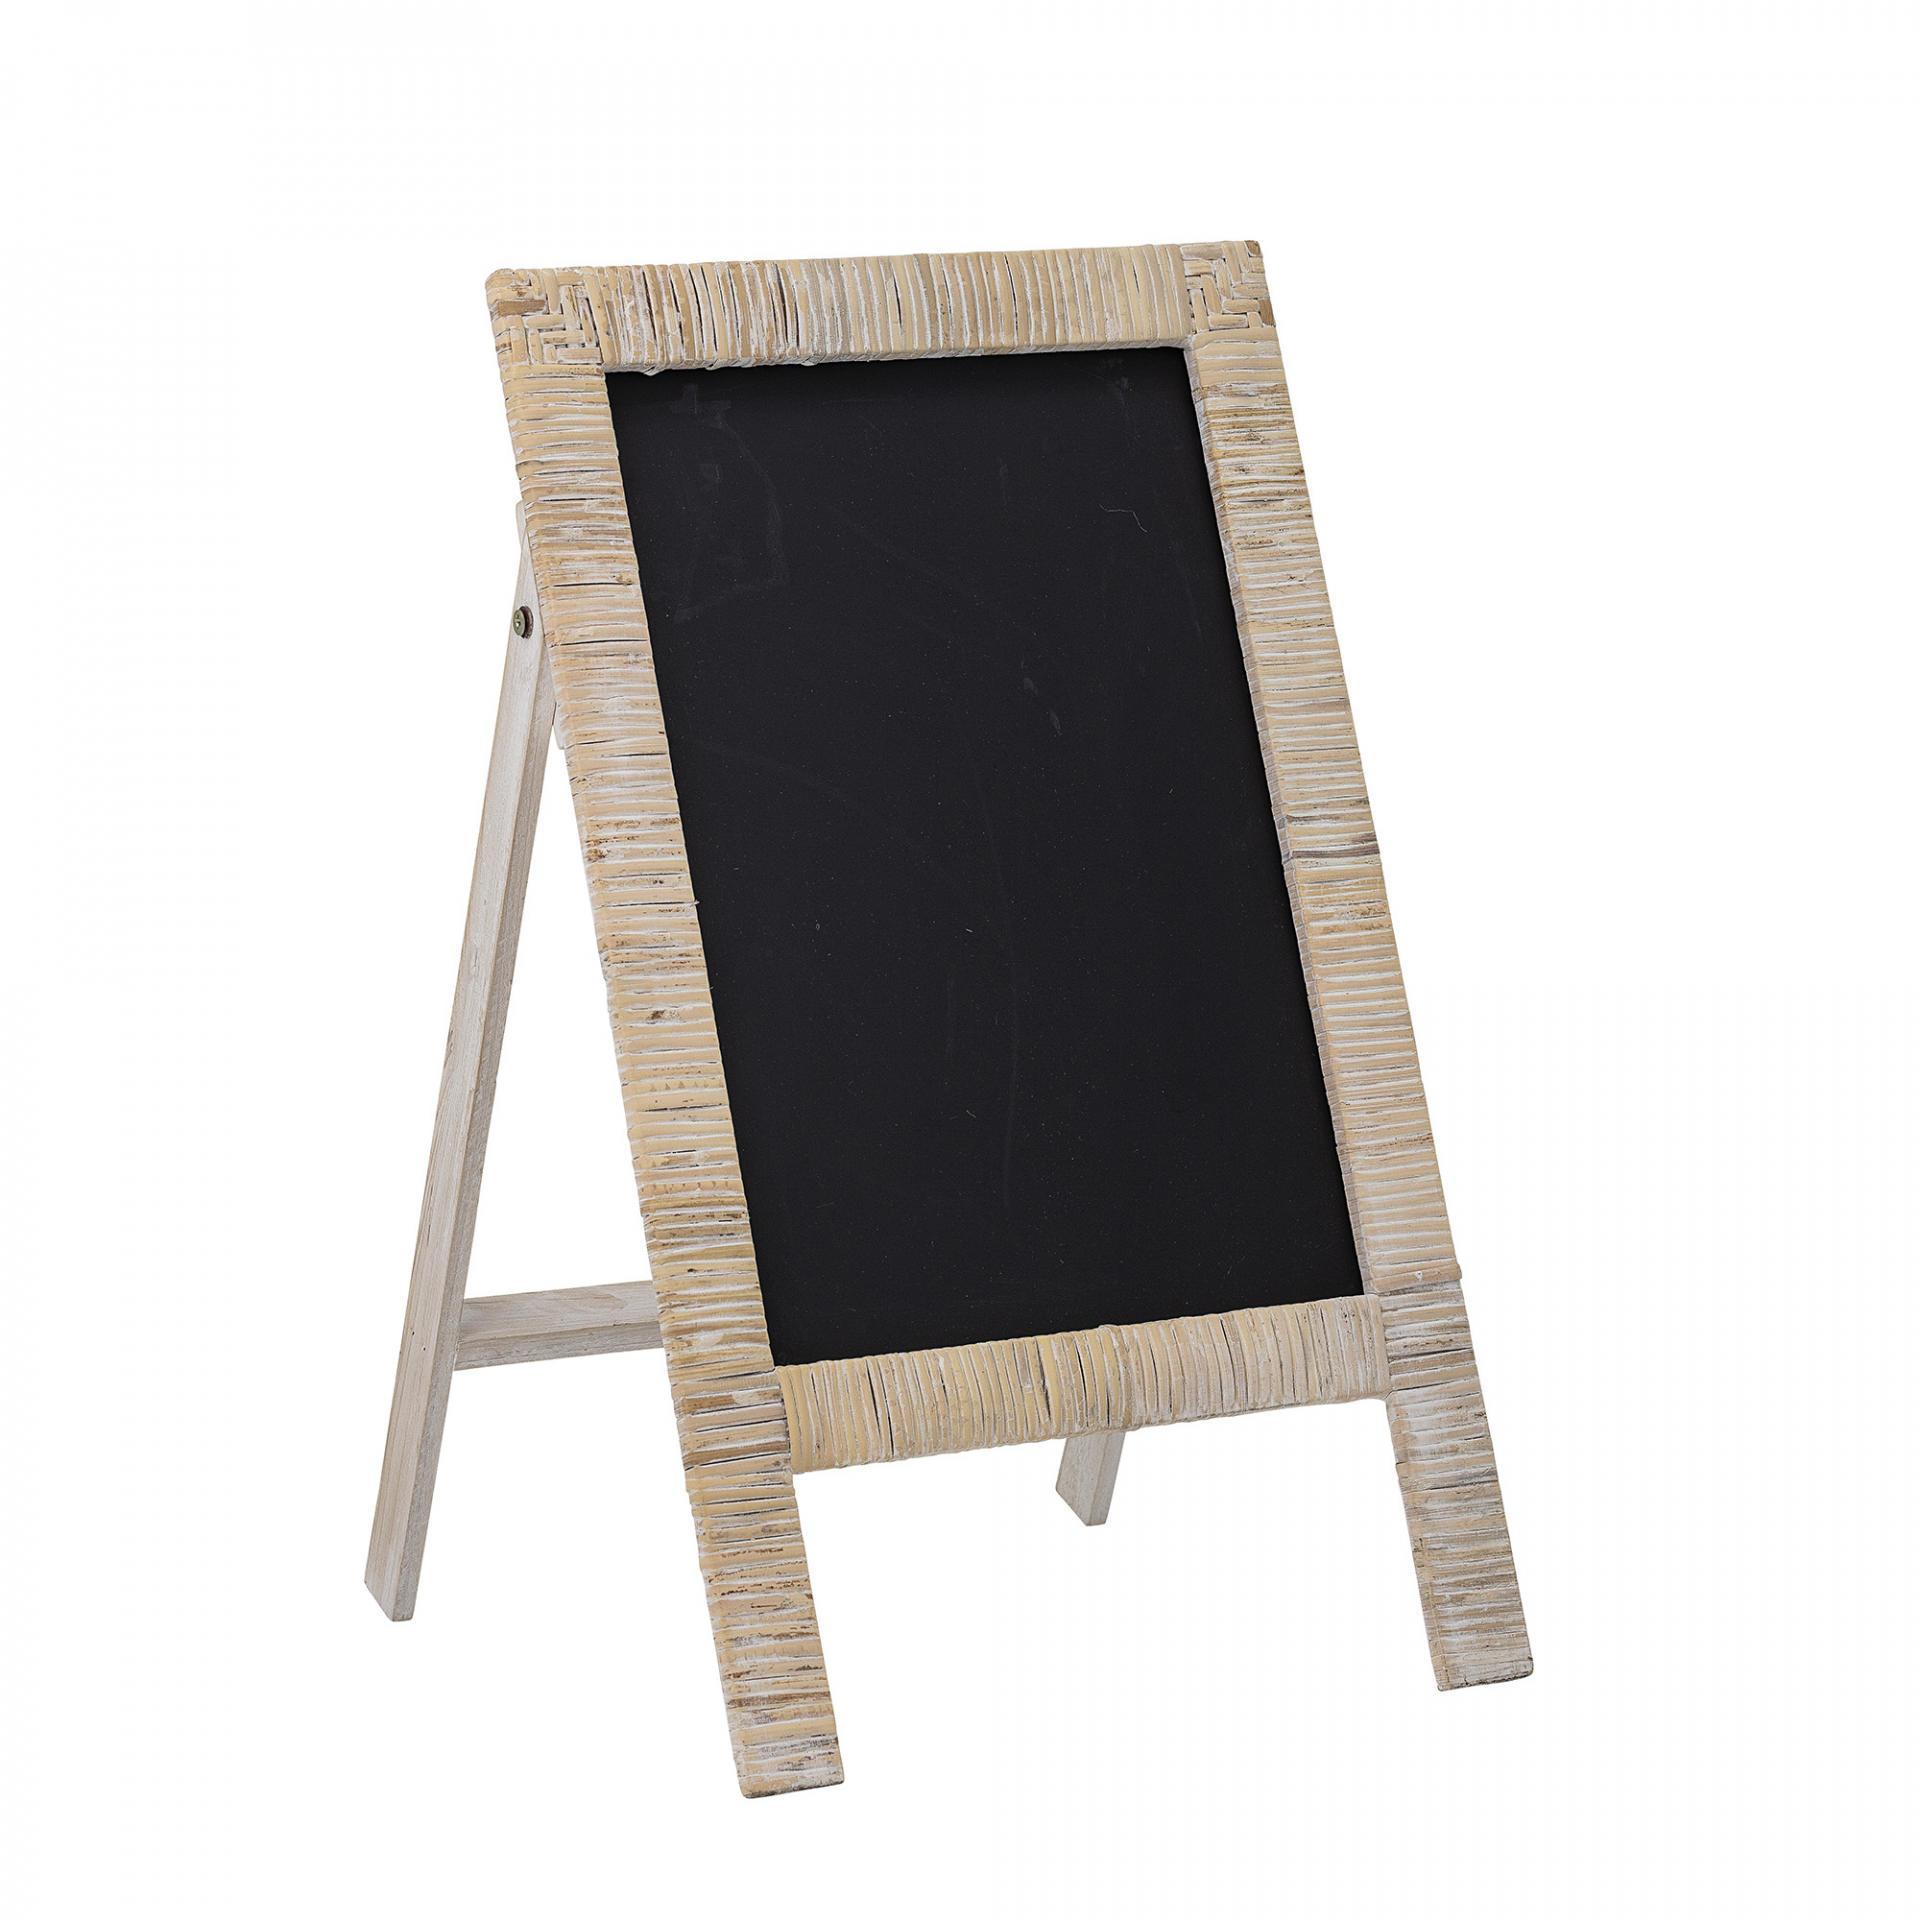 Bloomingville Dětská černá tabule Nature Rattan, černá barva, bílá barva, přírodní barva, dřevo, kov